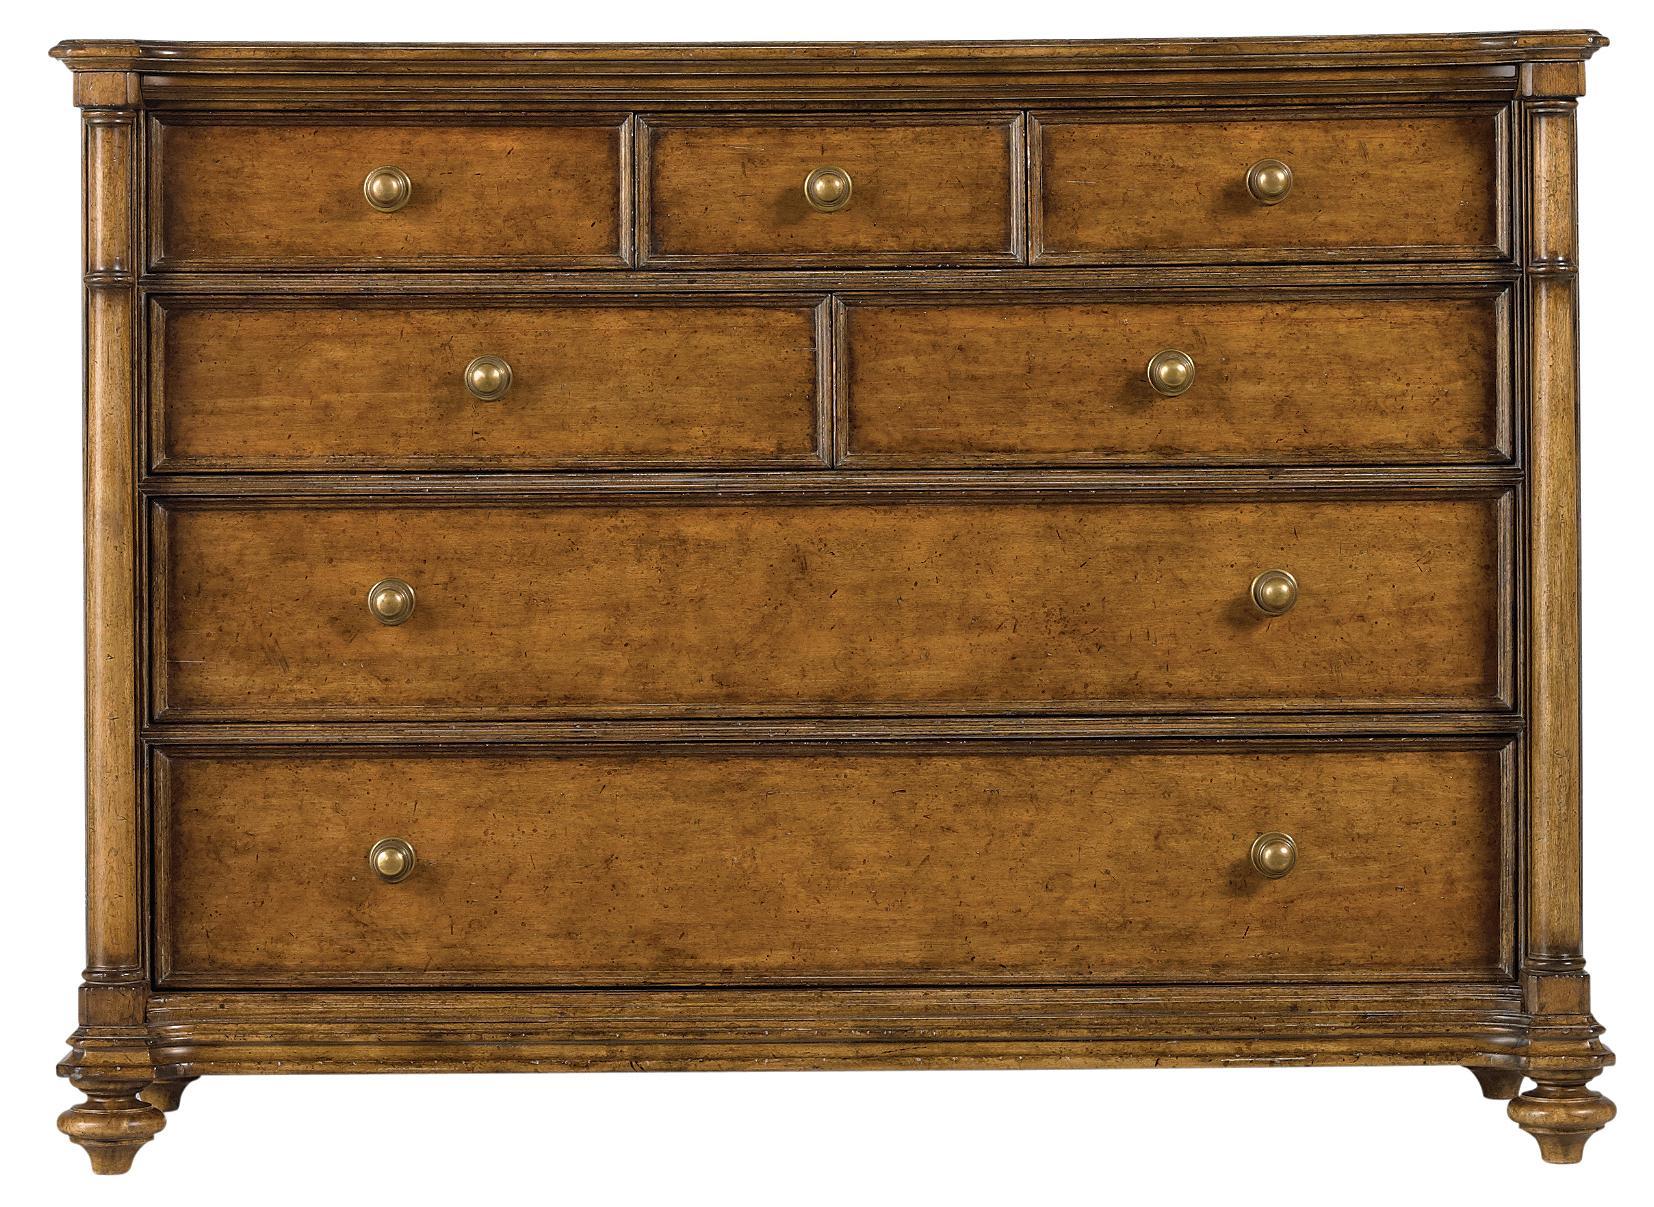 Stanley Furniture Arrondissement Belle Mode Dresser - Item Number: 222-63-05